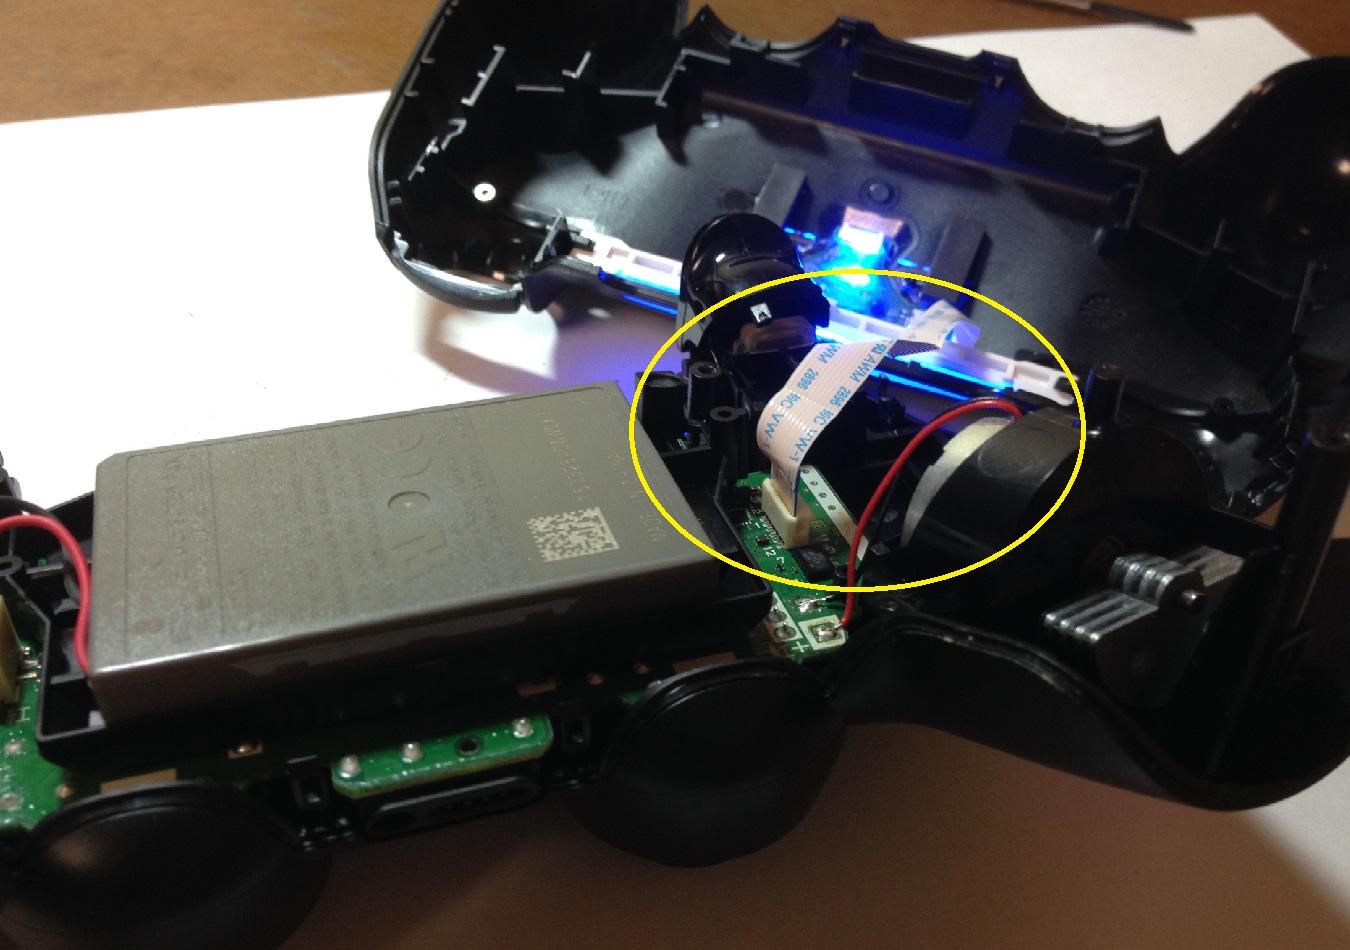 Ps4コントローラーの 背面ライト が赤や緑に色が変わるorライトが消えた場合のトラブル対処方法